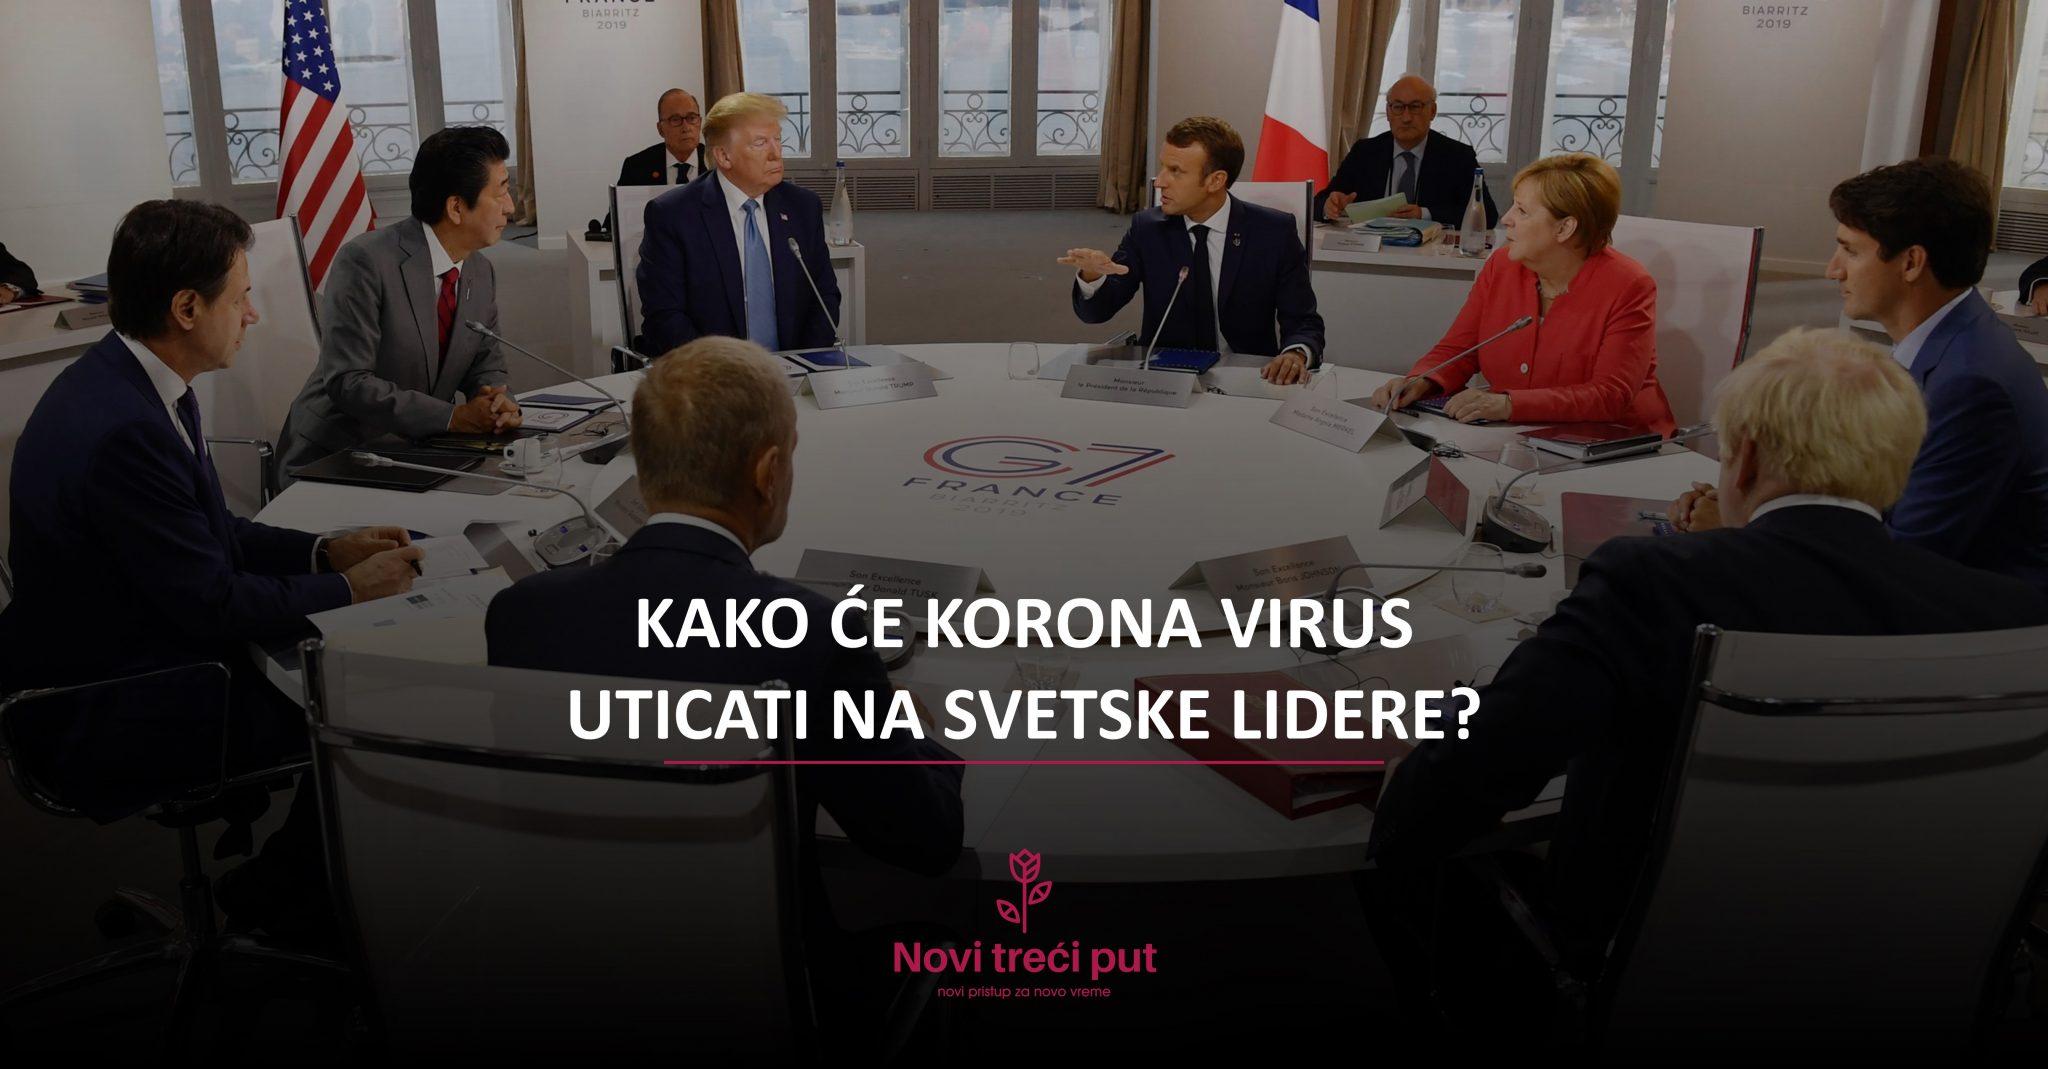 Kako će korona virus uticati na svetske lidere?